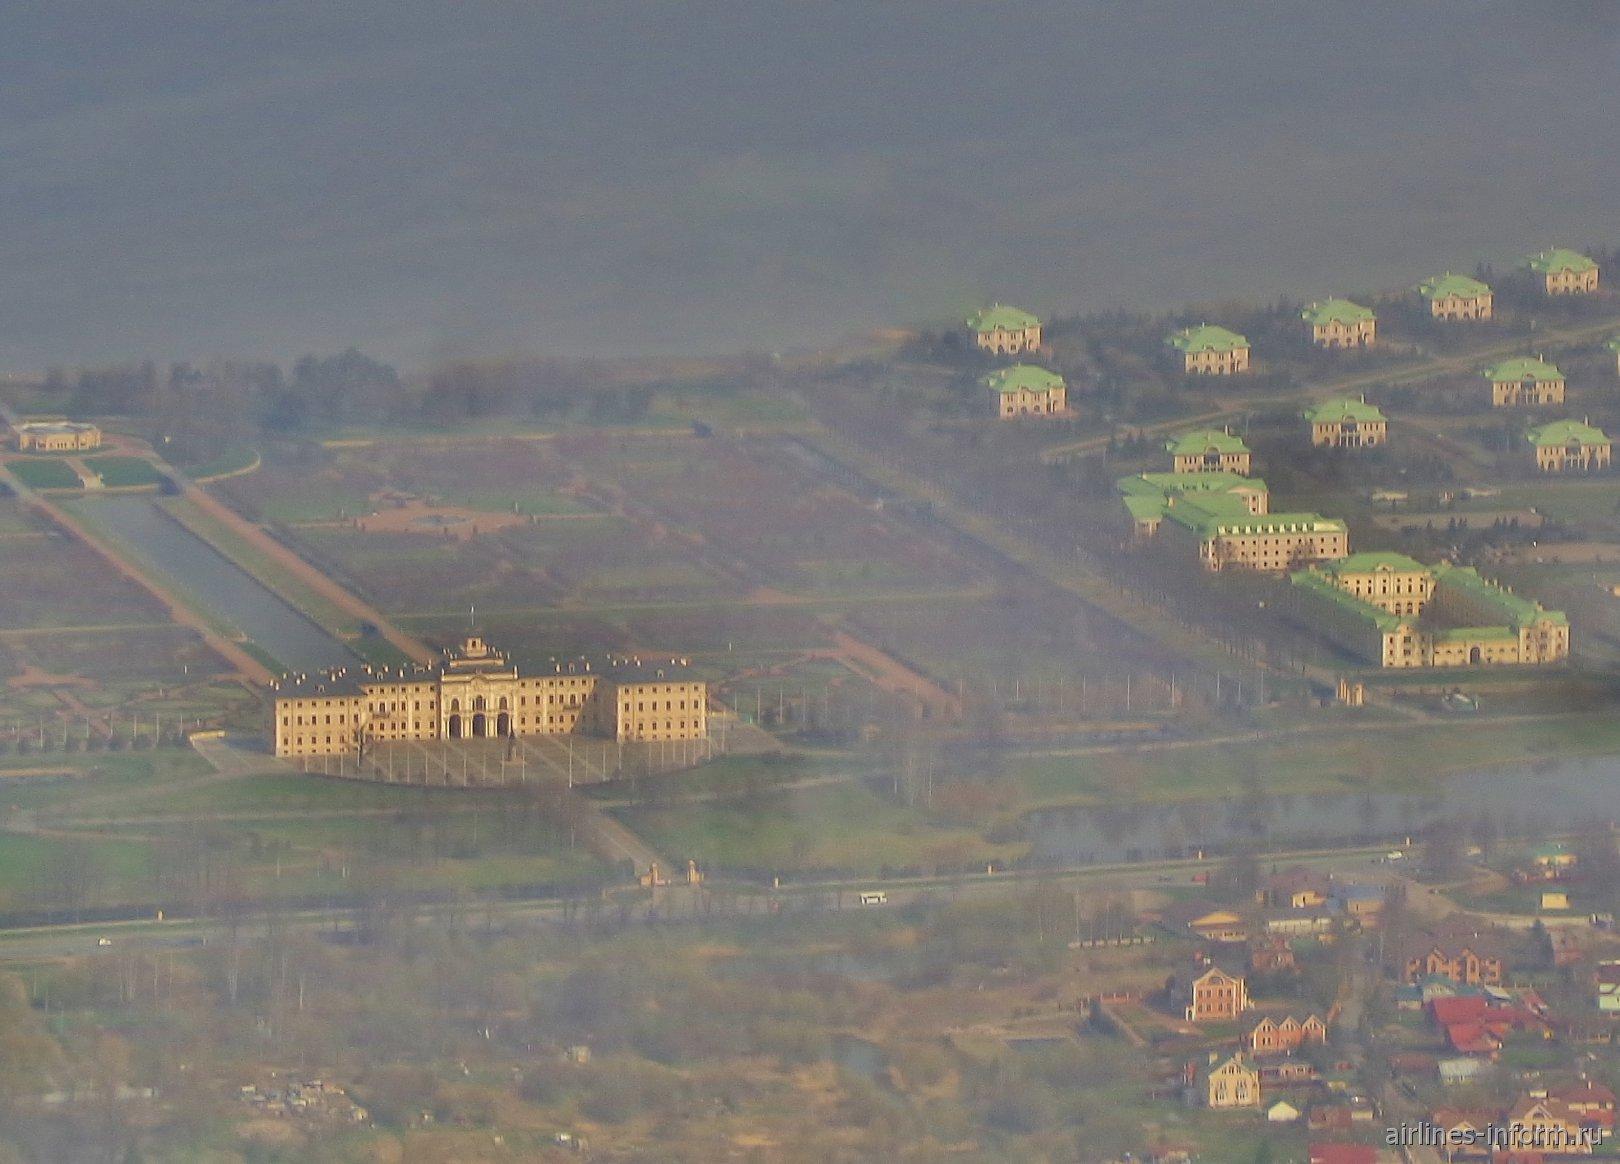 Вид на Константиновский дворец в Стрельне перед посадкой в аэропорту Пулково